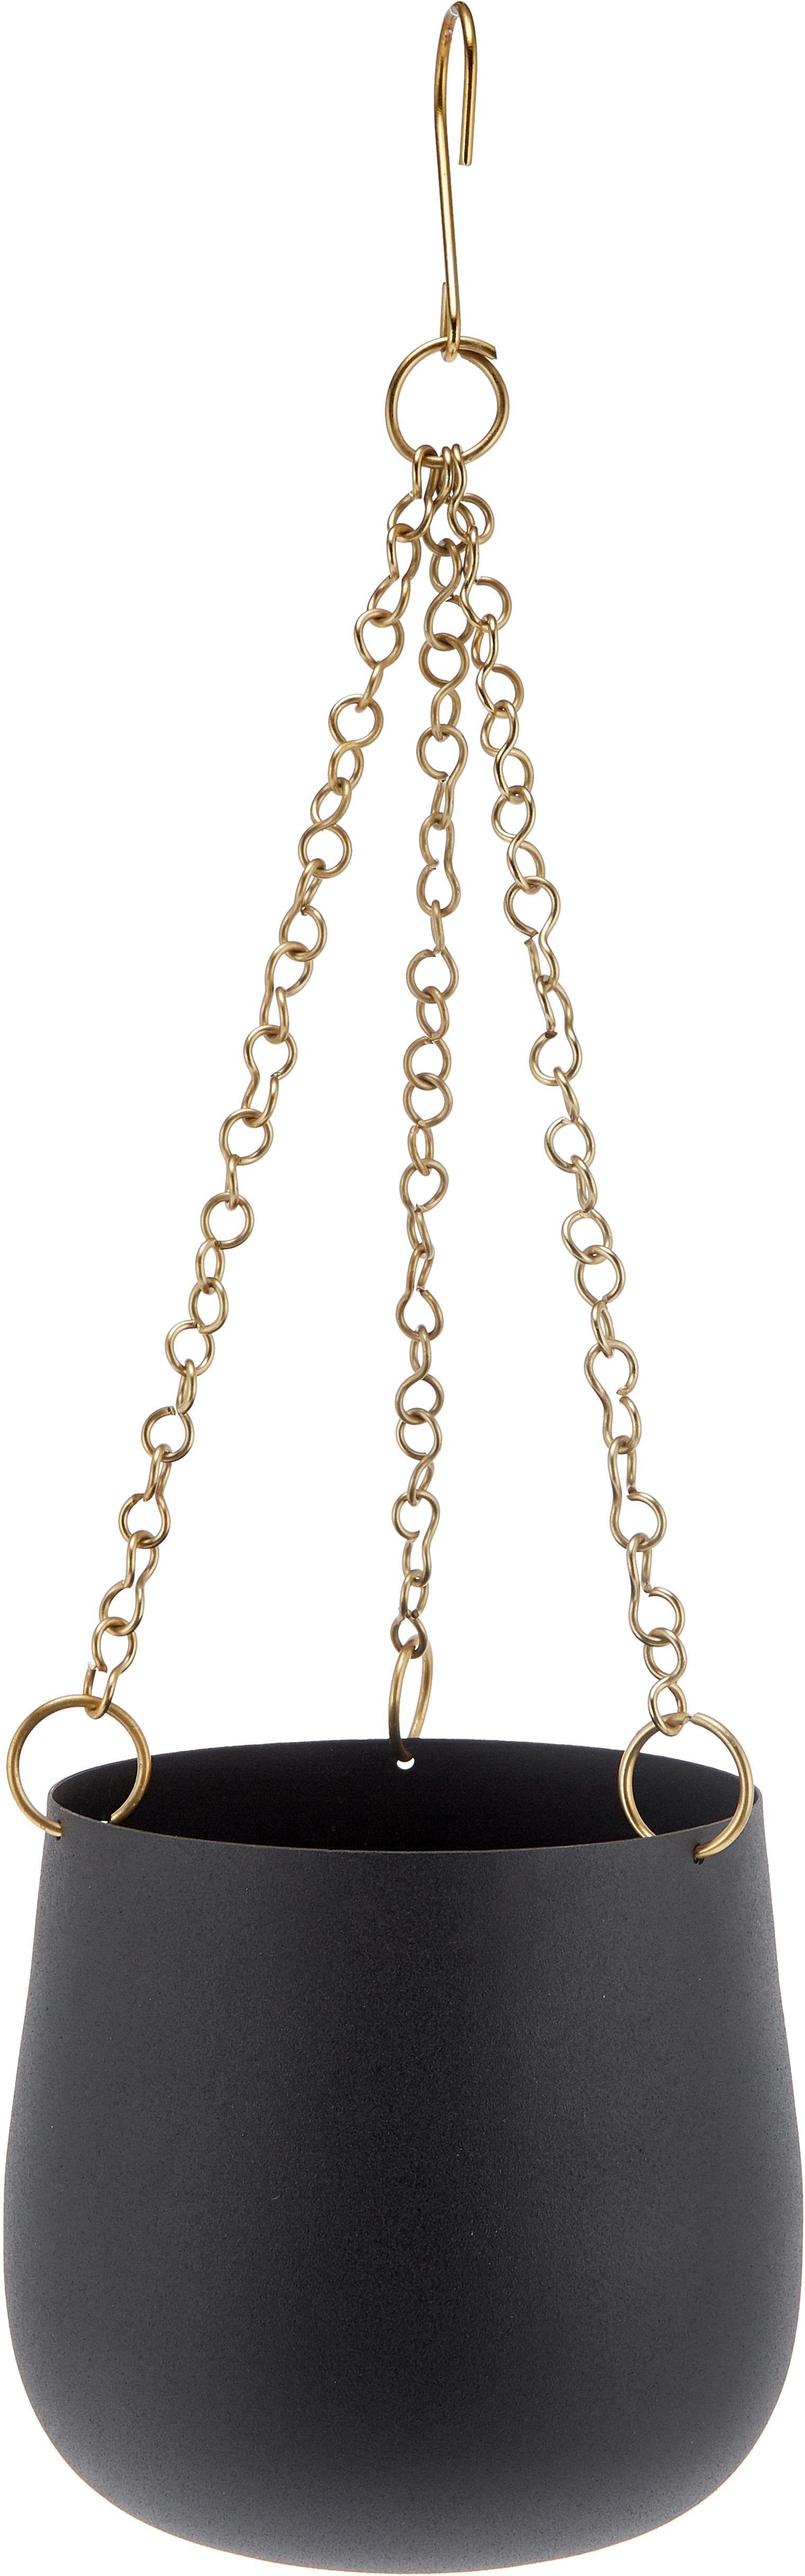 Set portavasi pensili Cask, 3 pz., Metallo verniciato, Nero, Diverse dimensioni